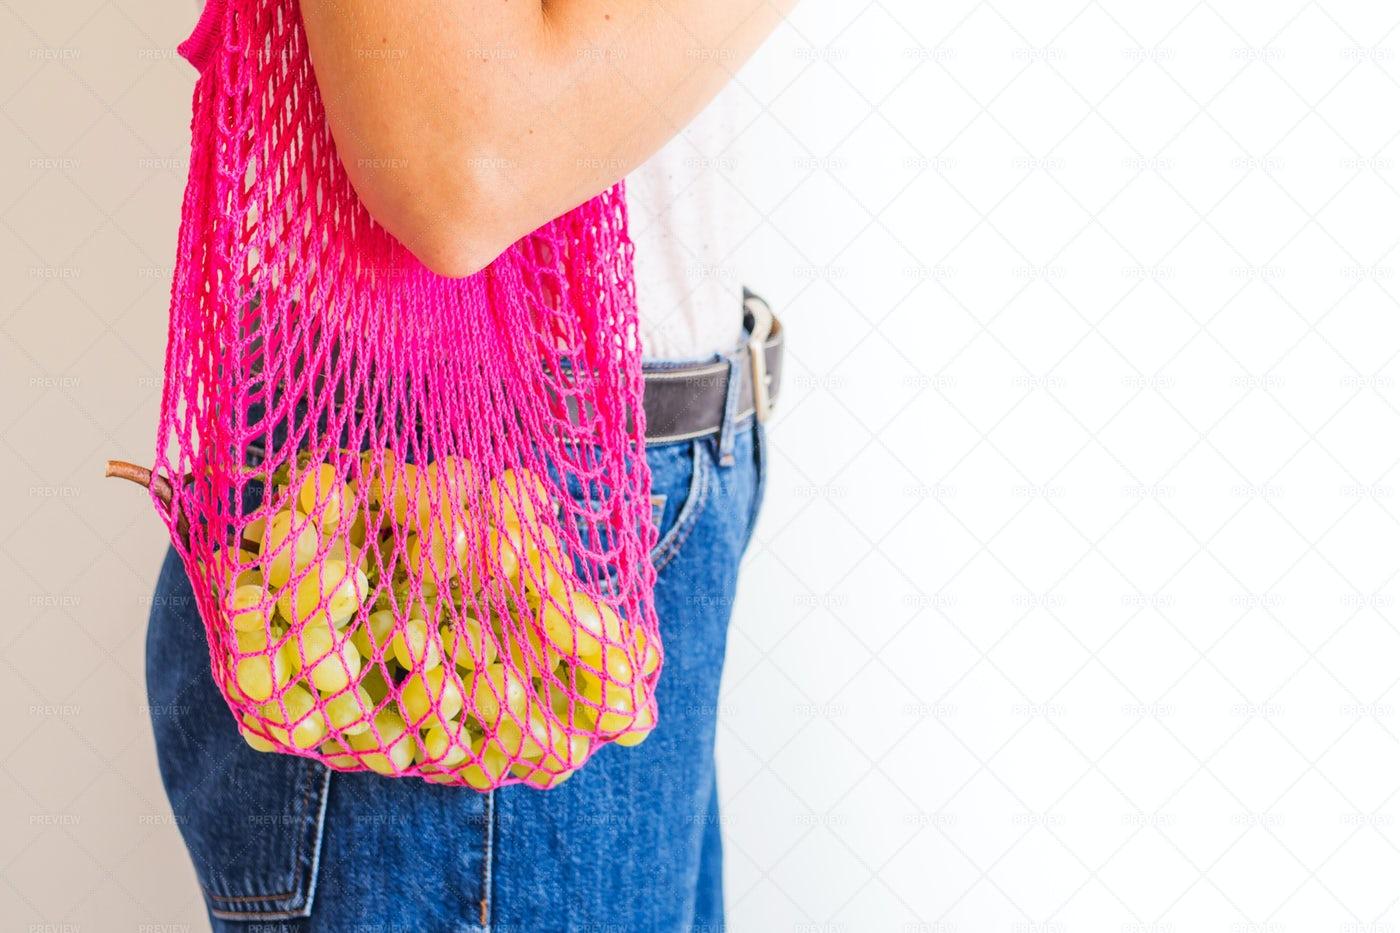 Grapes In A Mesh Bag: Stock Photos